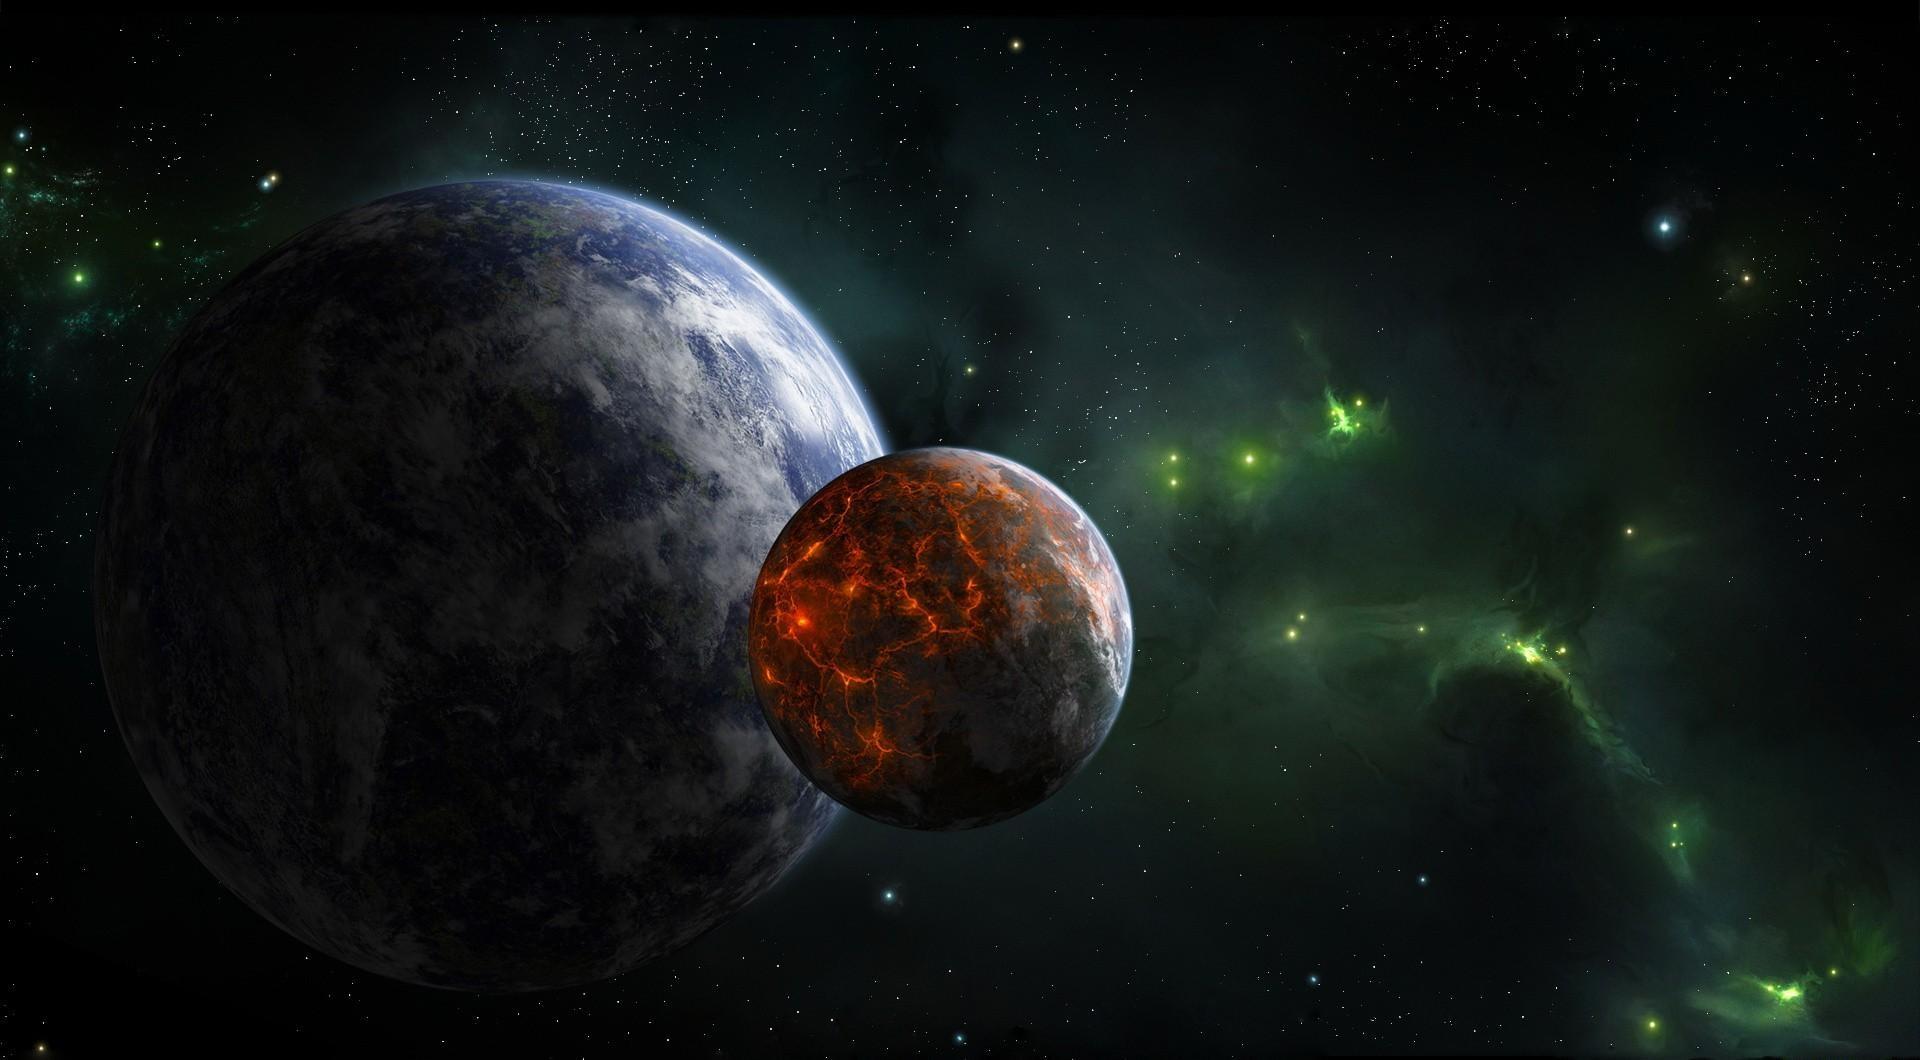 140086 Hintergrundbild herunterladen Planets, Universum, Sterne, Nebel, Galaxis, Galaxy - Bildschirmschoner und Bilder kostenlos